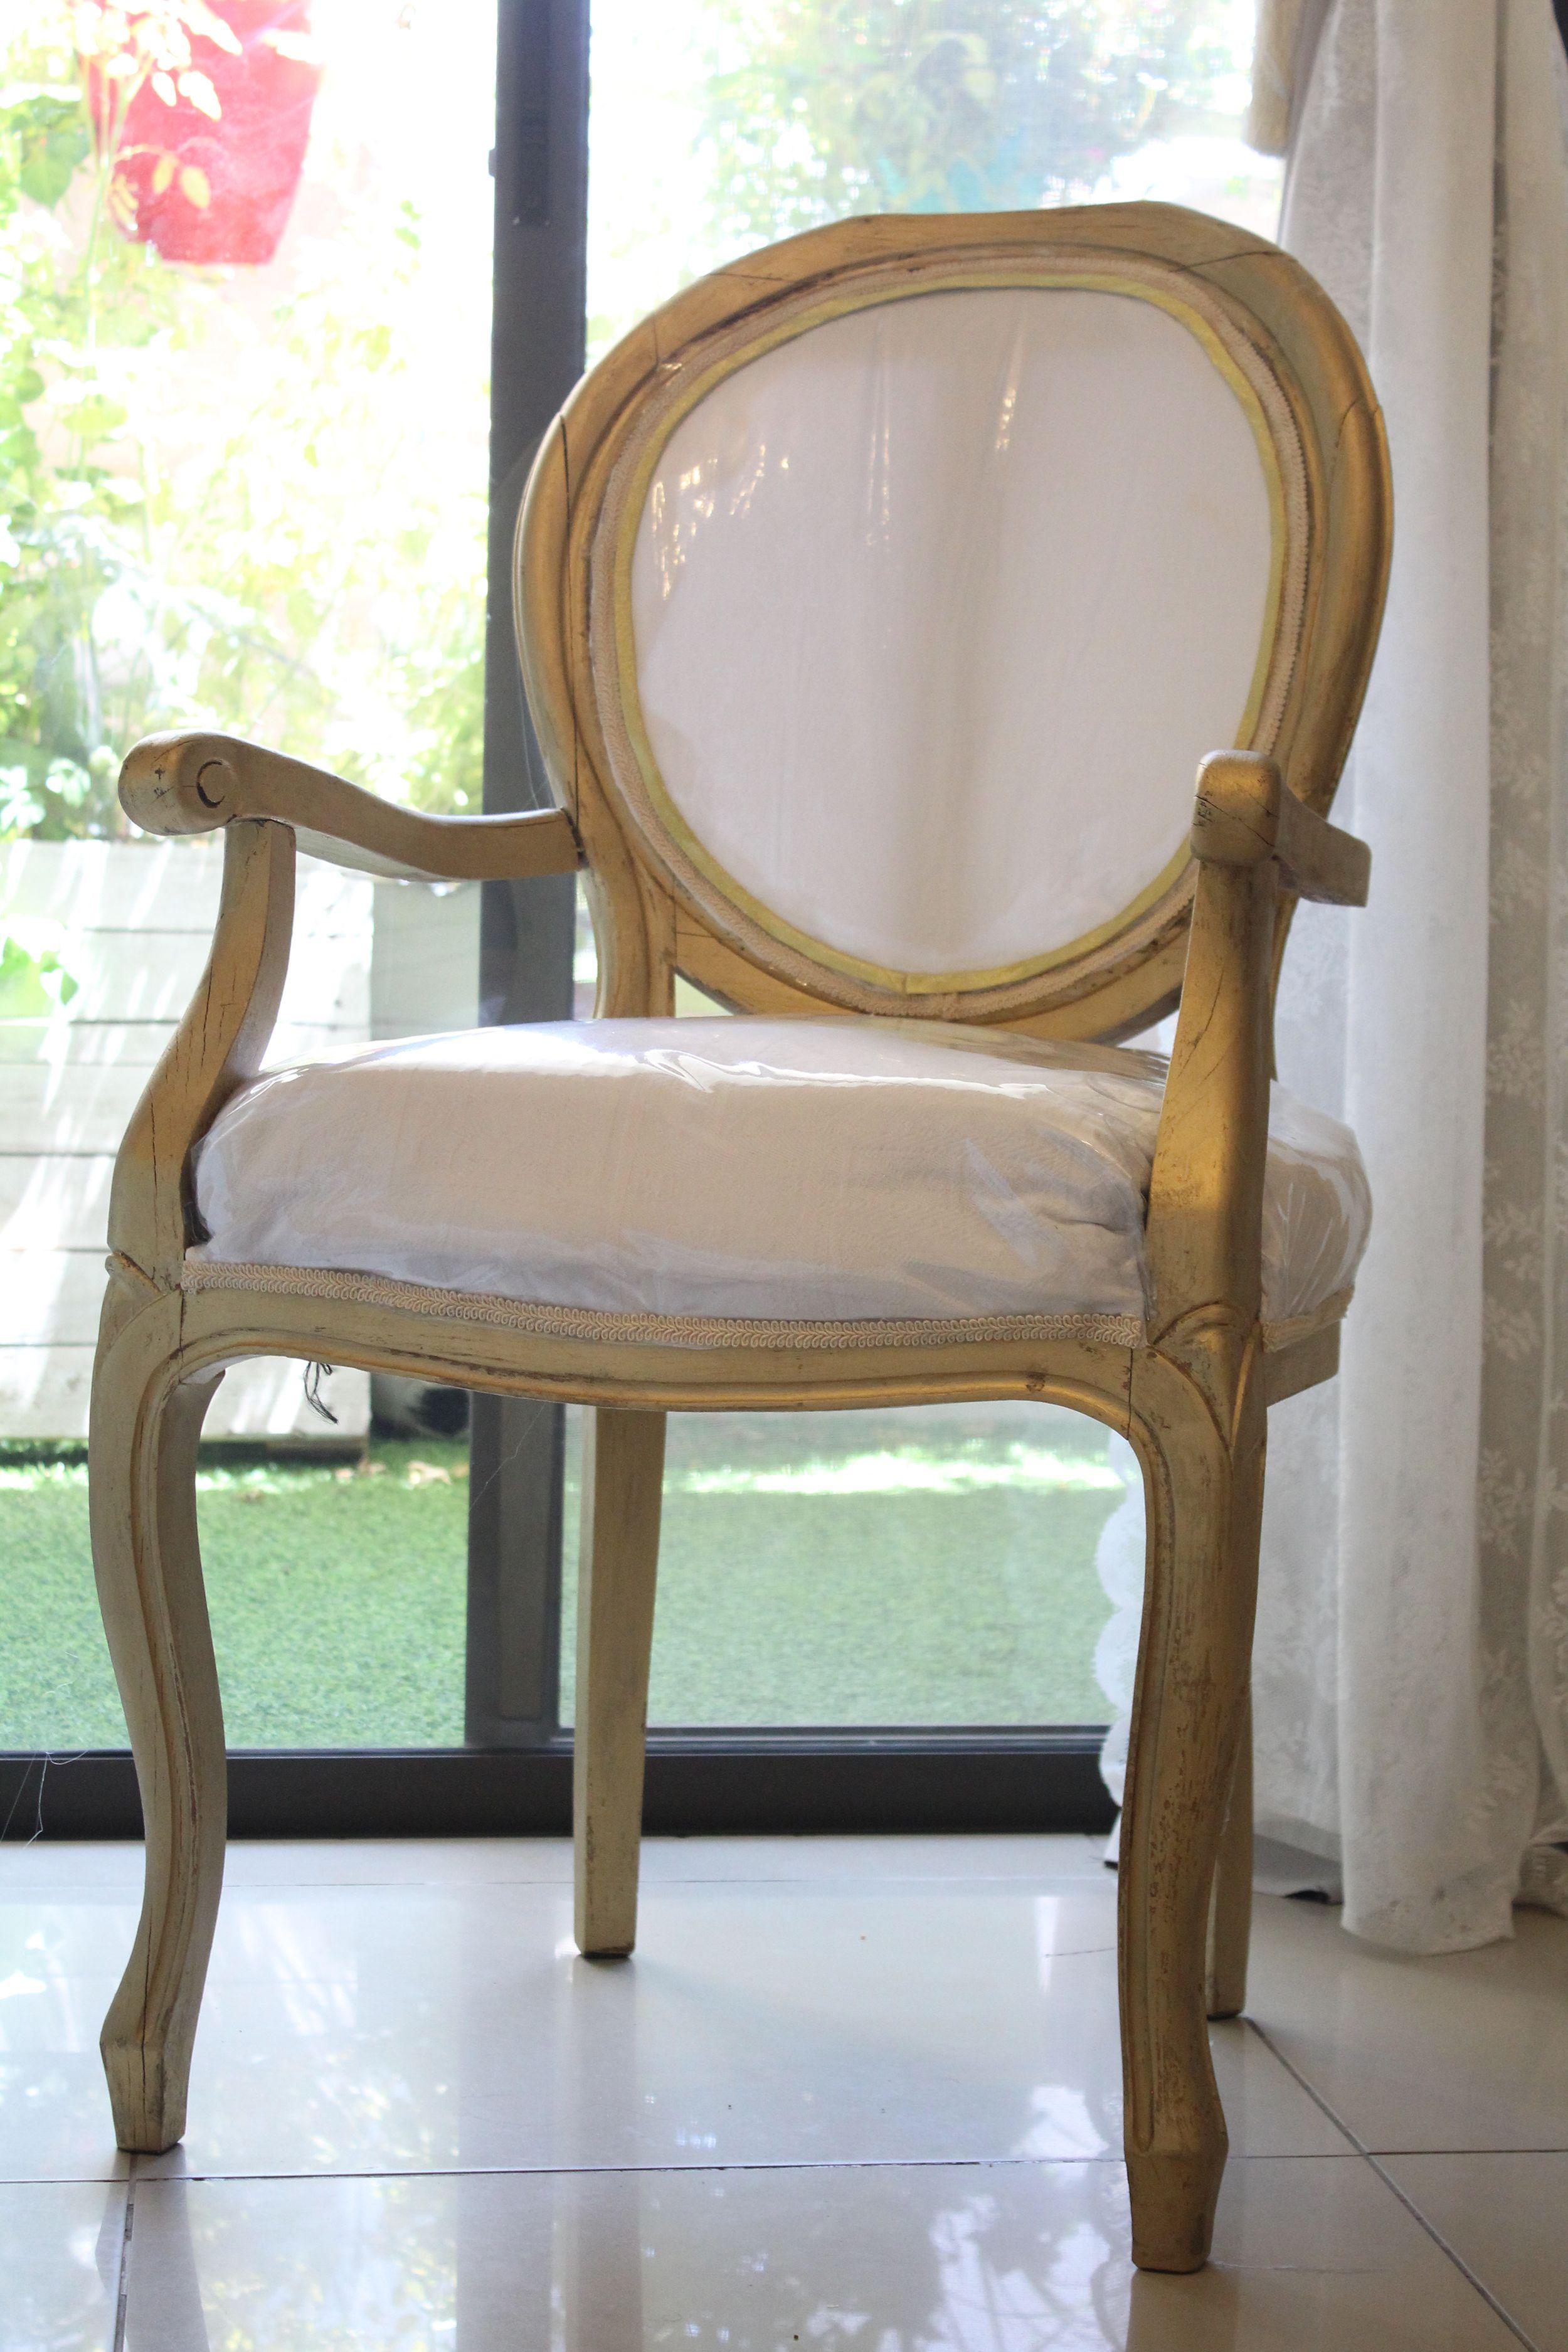 IMG 4202 - חידוש כסא עתיק